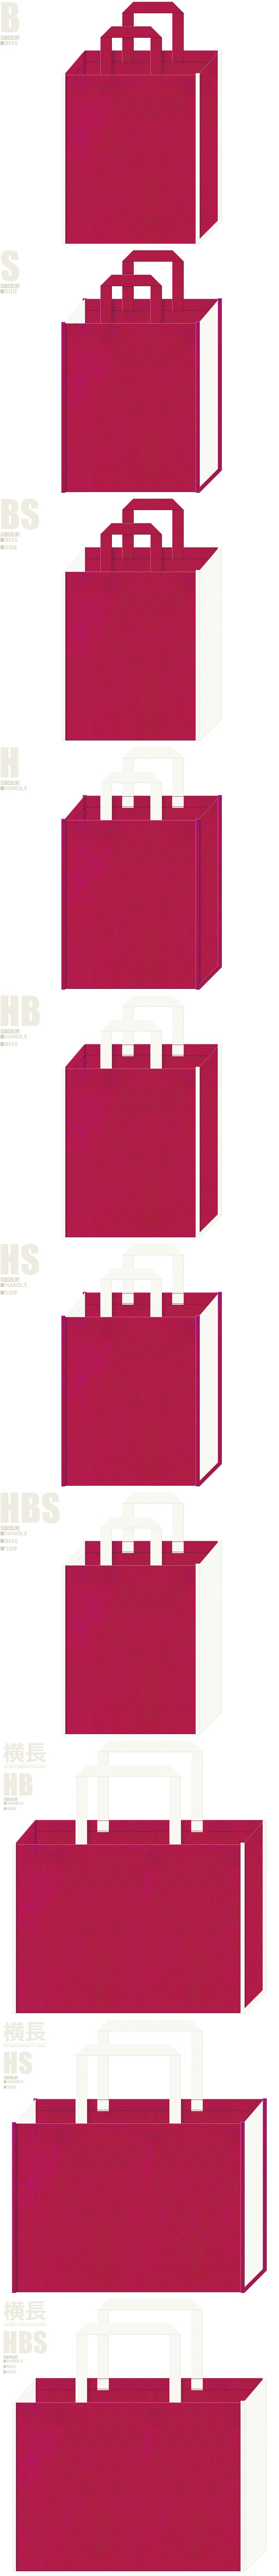 イチゴミルク・ブーケ・ウェディング・ドレス・スワン・フラミンゴ・バレエ・ガーリーデザインにお奨めの不織布バッグデザイン:濃いピンク色とオフホワイト色の配色7パターン